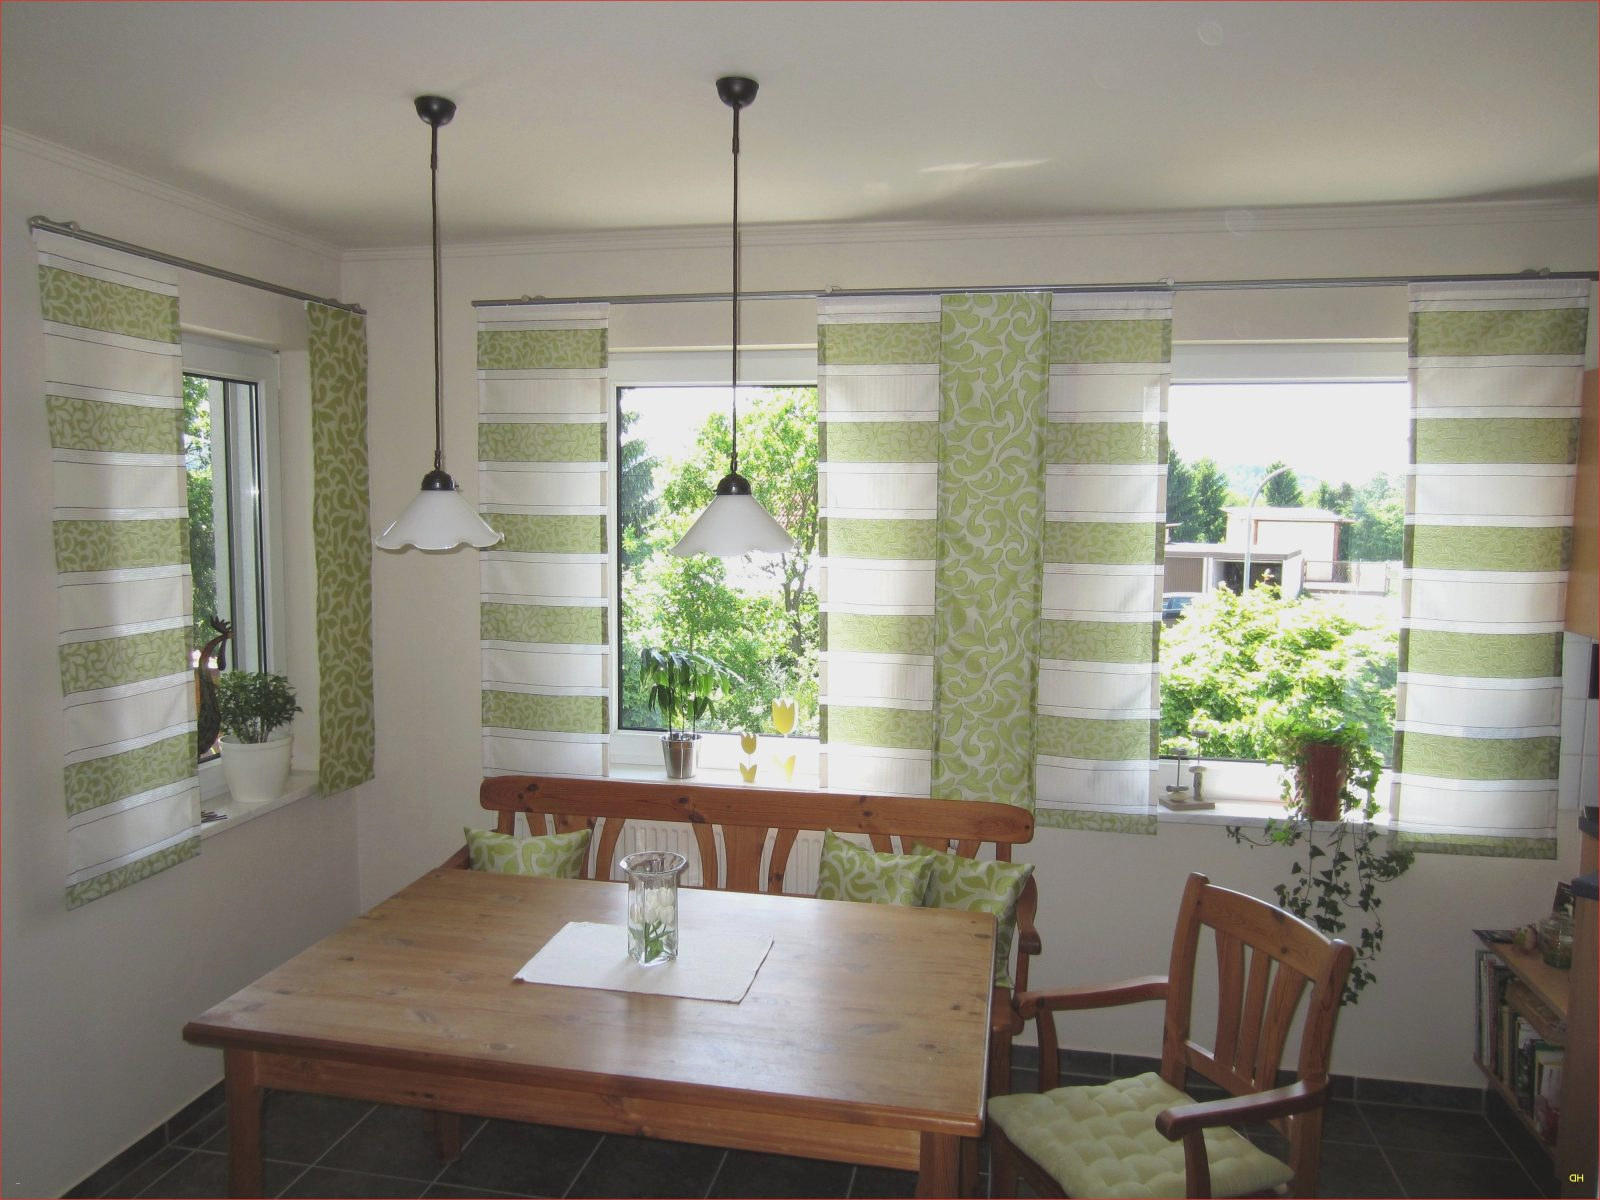 Gardinen Für Balkontür Und Fenster Komfort Luxuriös A59R Ideen Zum von Gardinen Für Terrassentür Und Fenster Bild